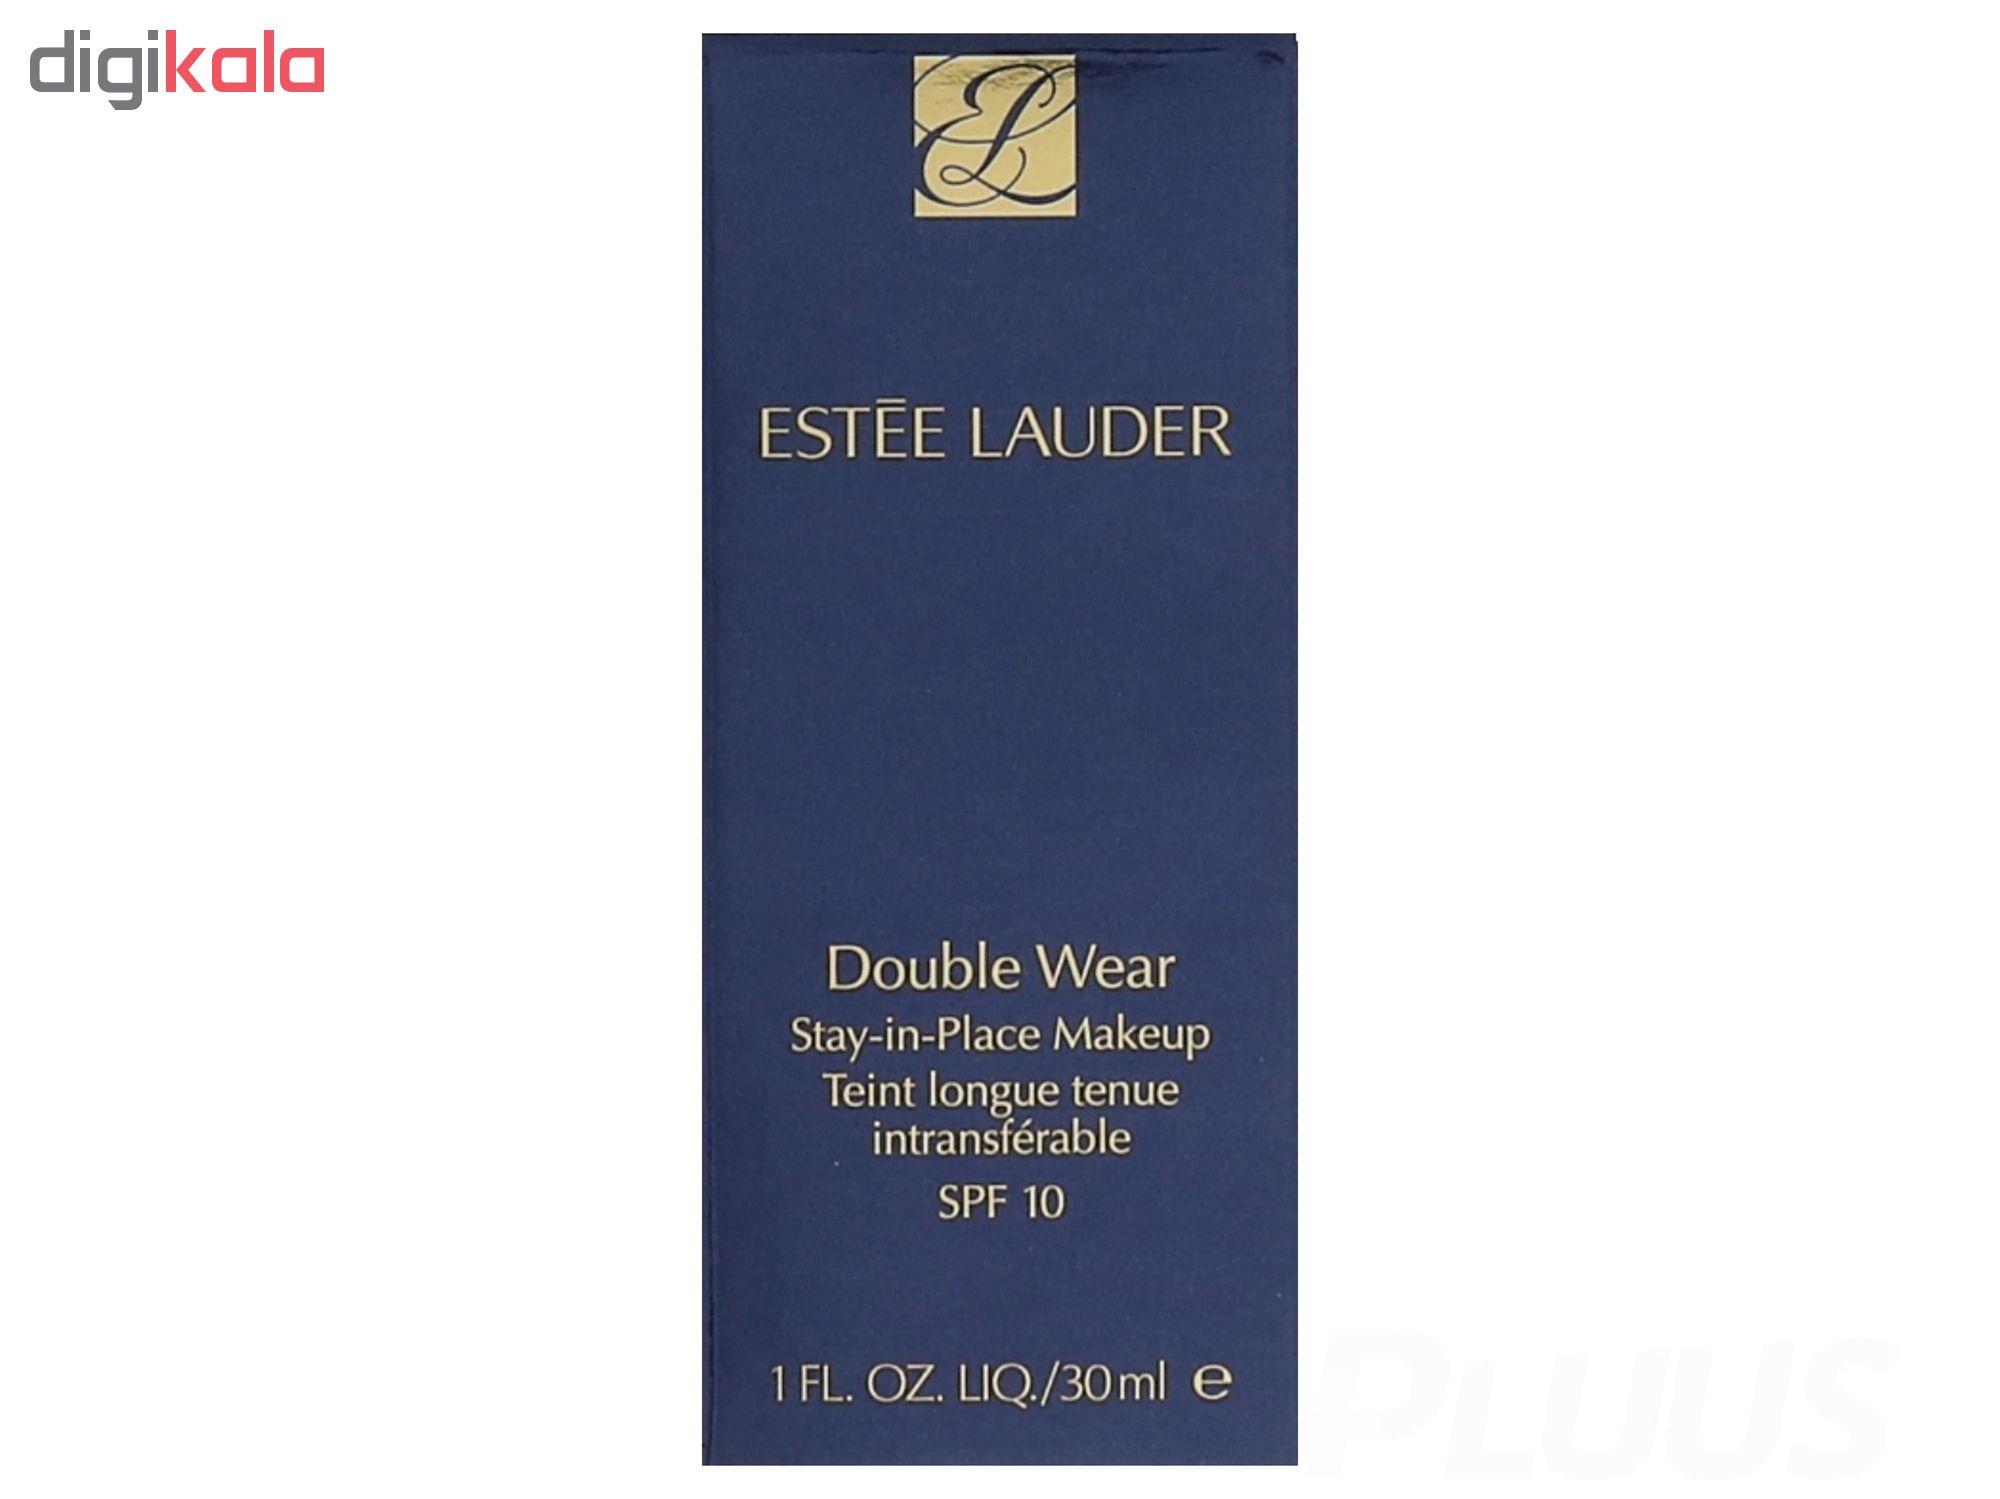 کرم پودر استه لودر مدل Double Wear شماره 2C2 حجم 30 میلی لیتر